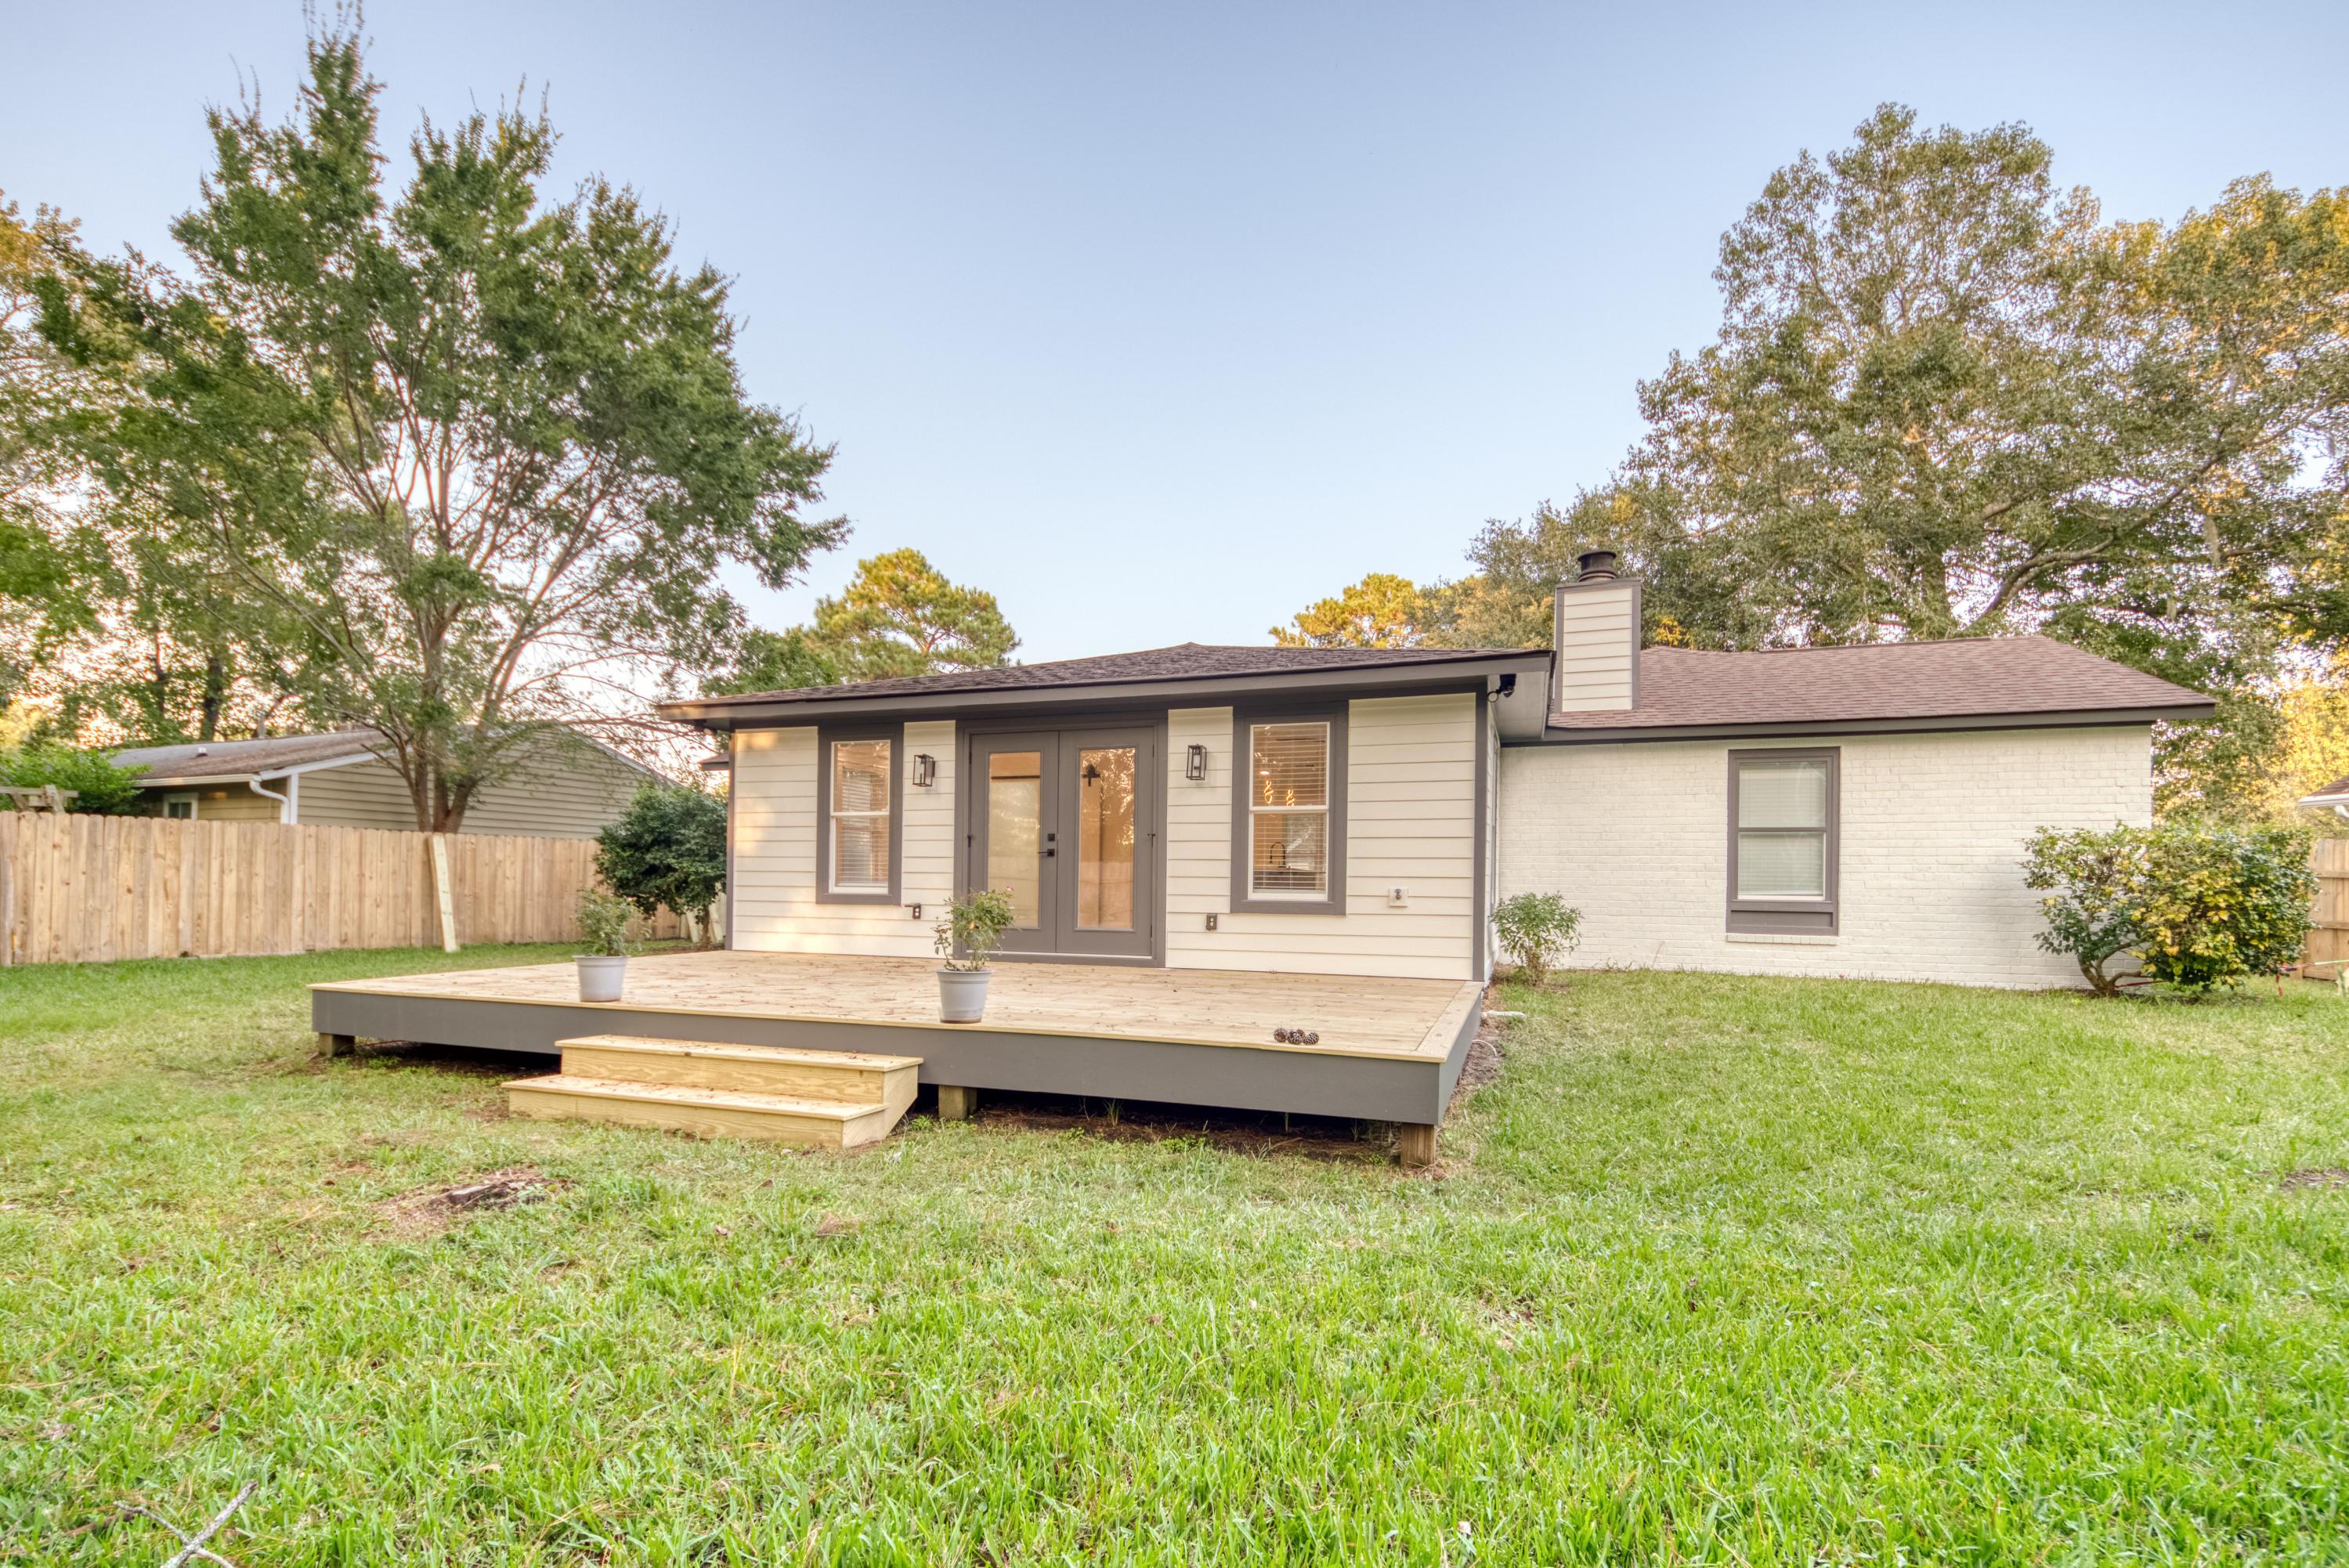 Wando East Homes For Sale - 1629 Nantahala, Mount Pleasant, SC - 1